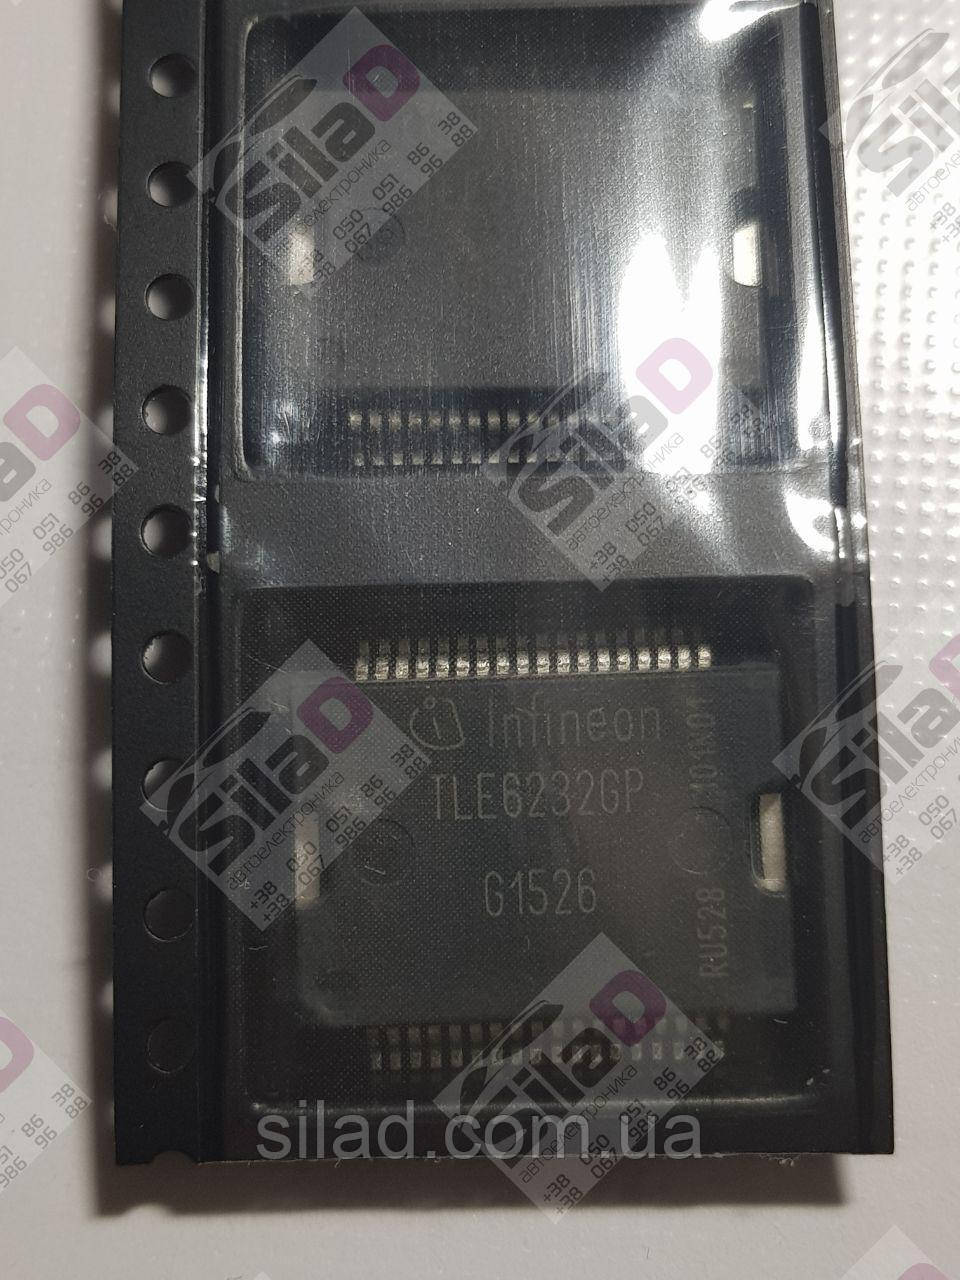 Микросхема Infineon TLE6232GP корпус SOP-36